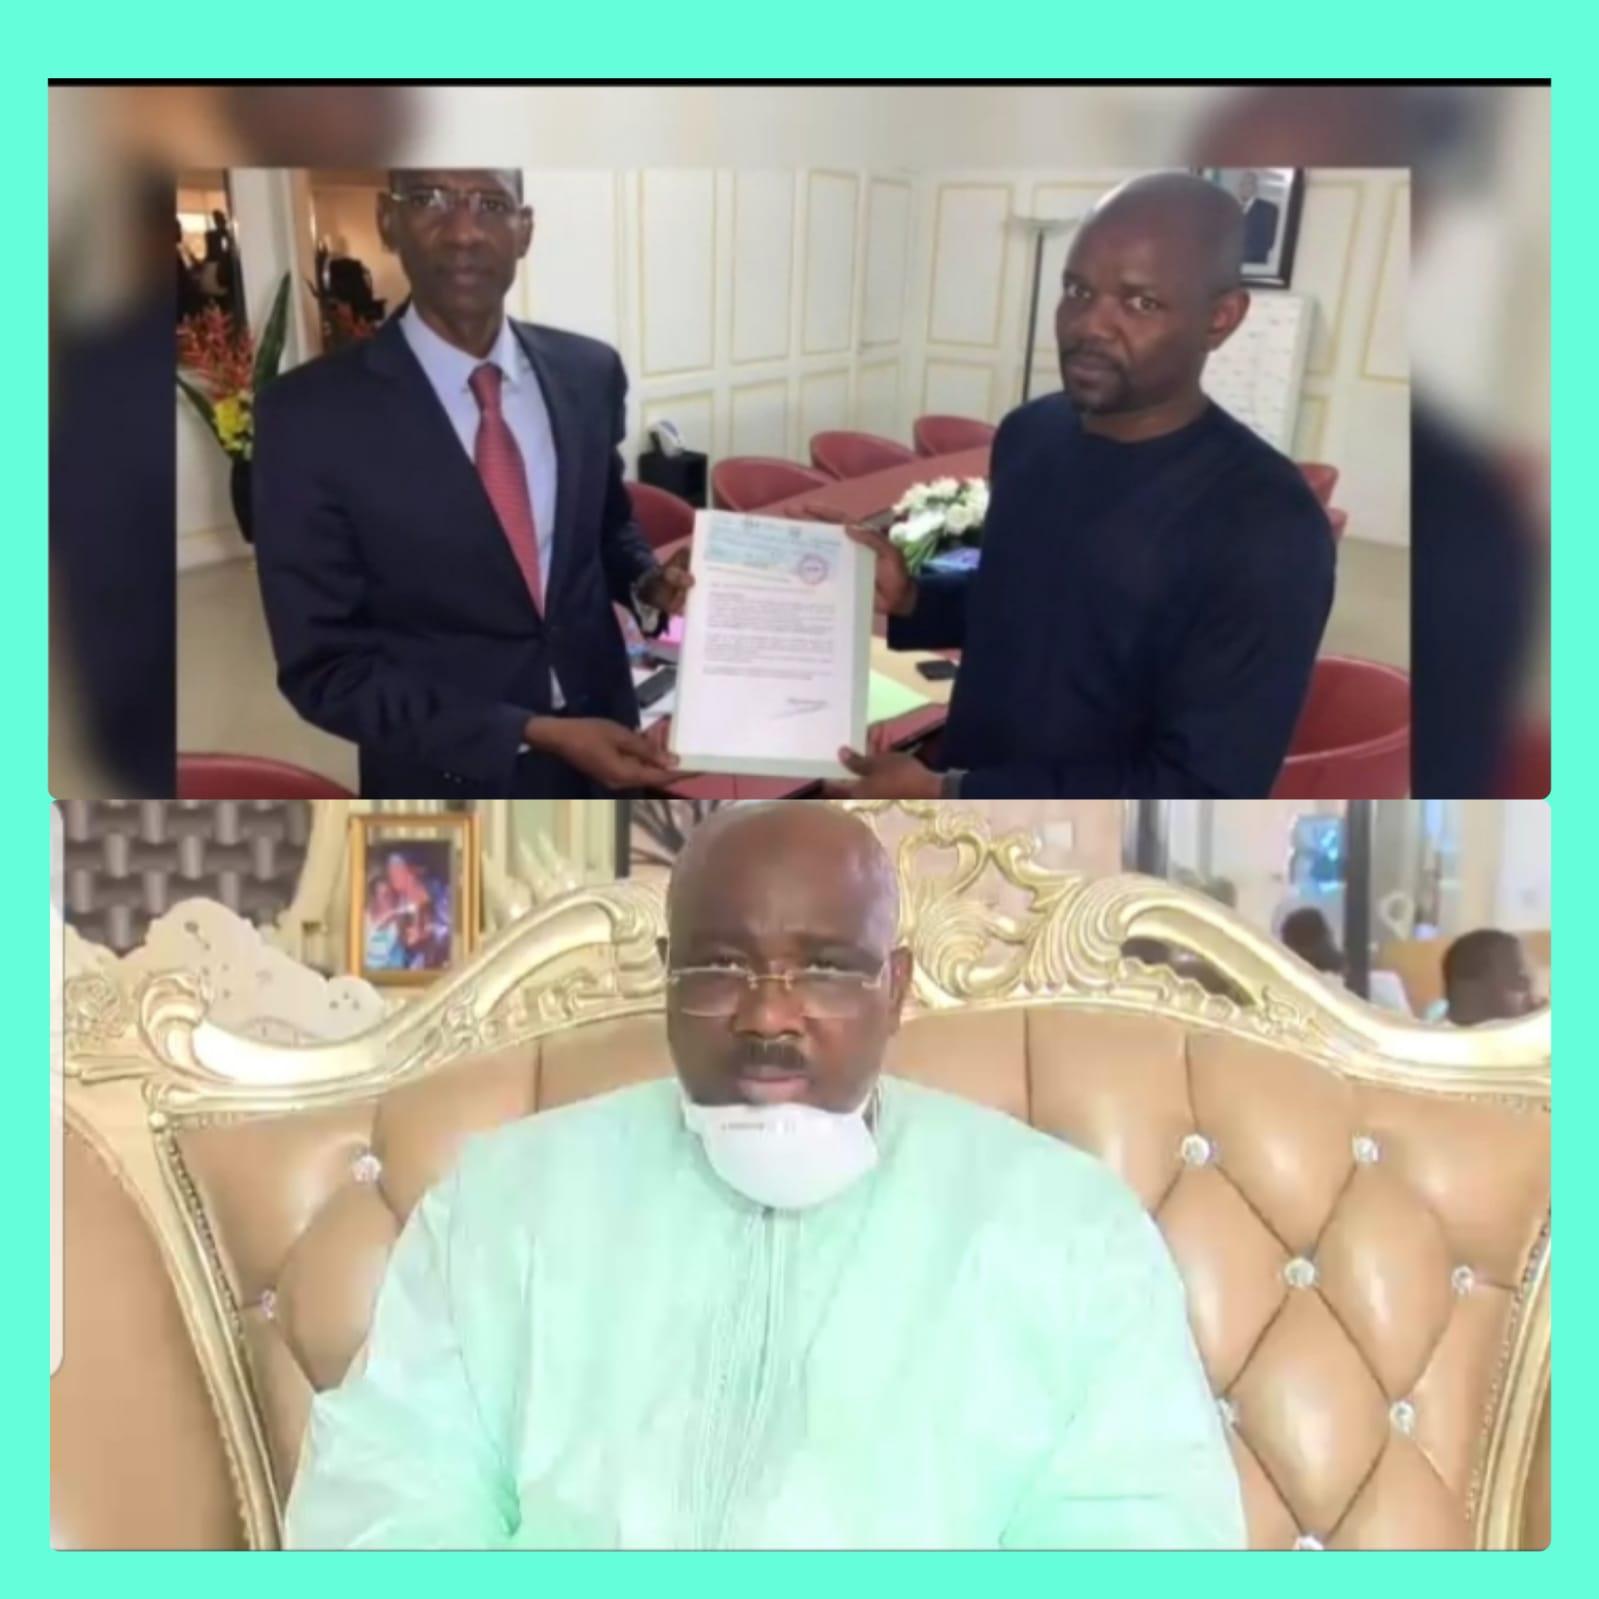 VIDÉO: Le député et griot de Macky, Farba Ngom lance un message fort à l'égard du geste de Tahirou Sarr avec 1 milliard